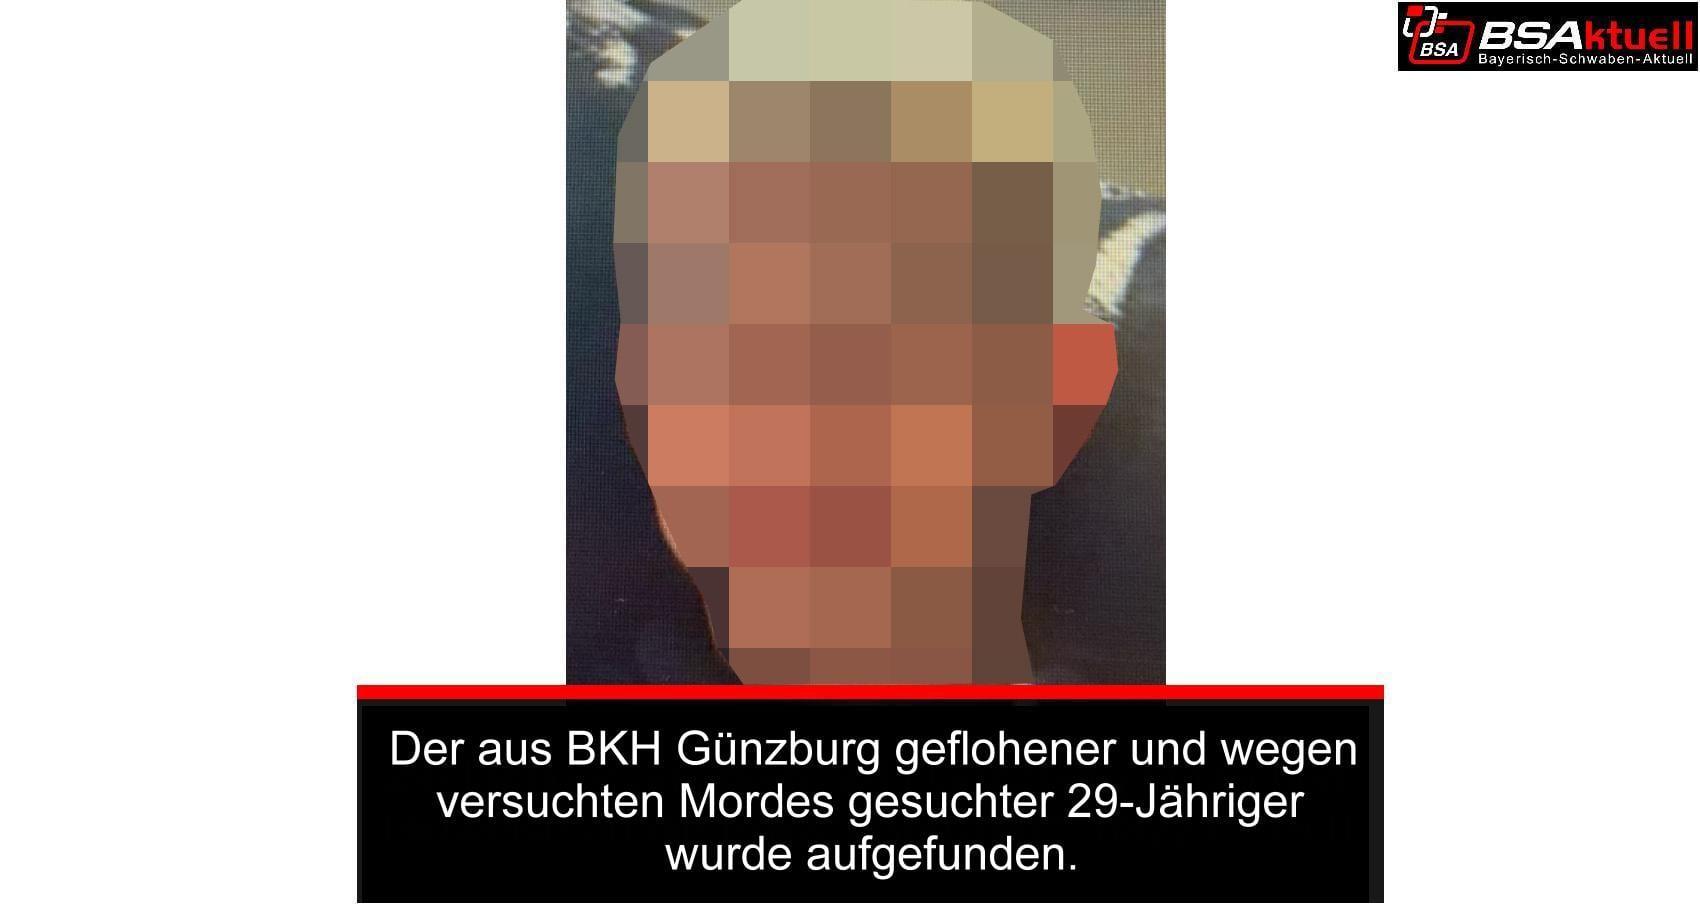 Patrick-entwichen-BKH-Guenzburg